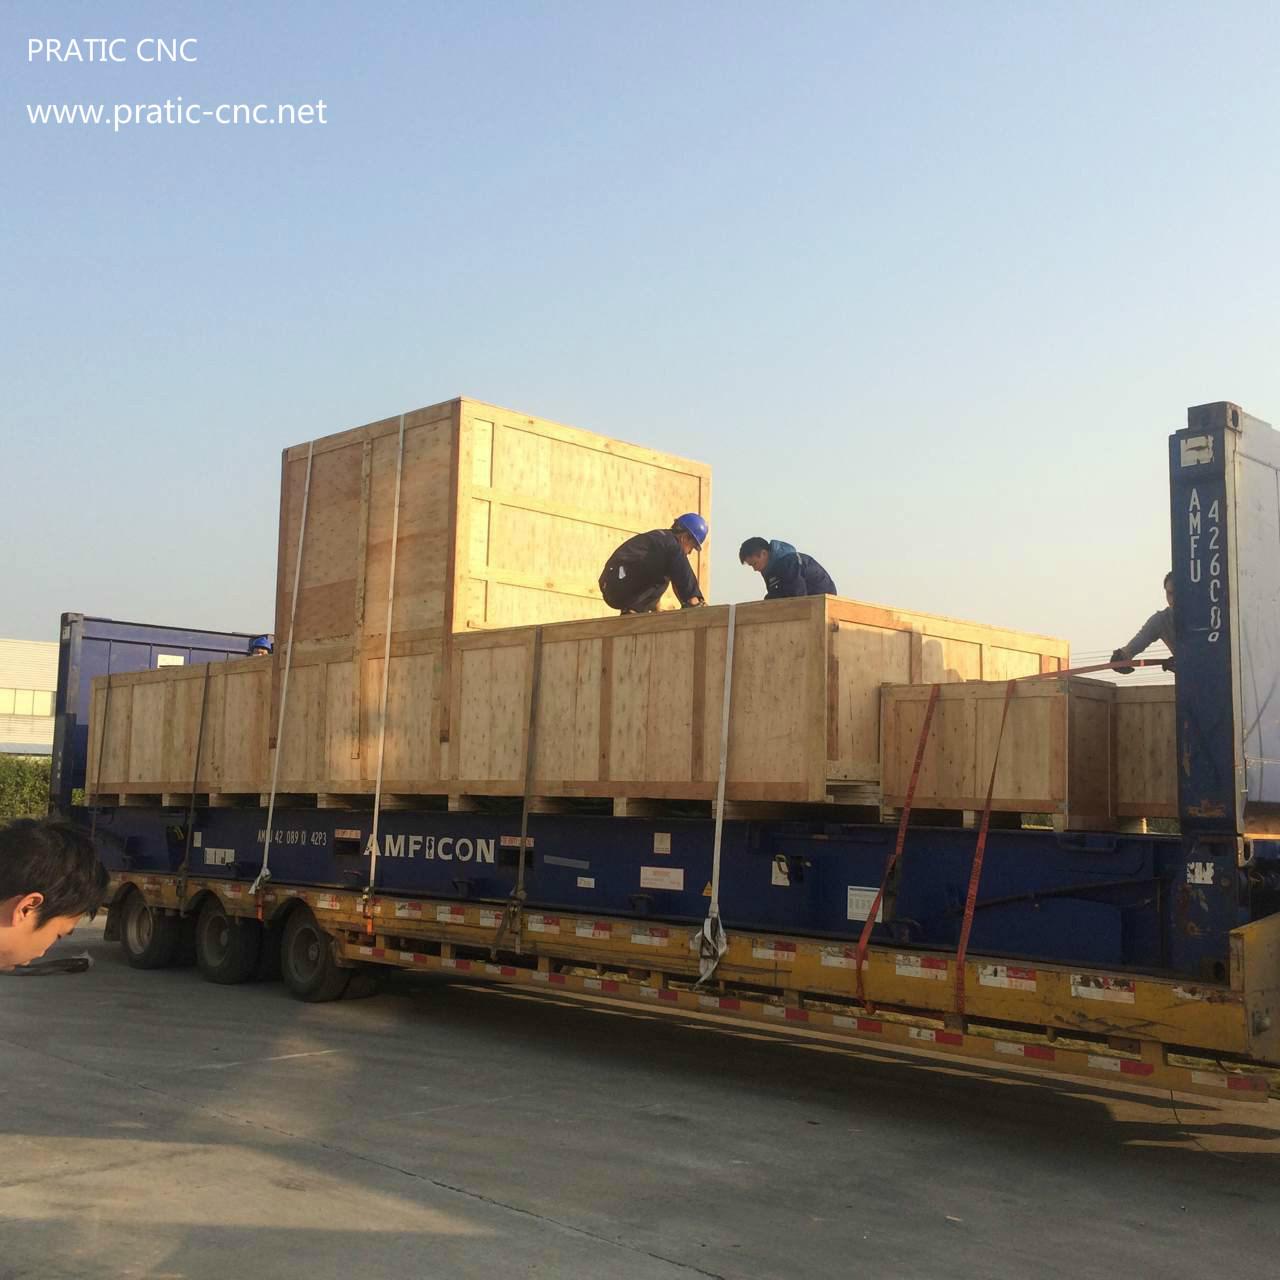 CNC Automative Welding Machinery Pratic-Phb-CNC4500